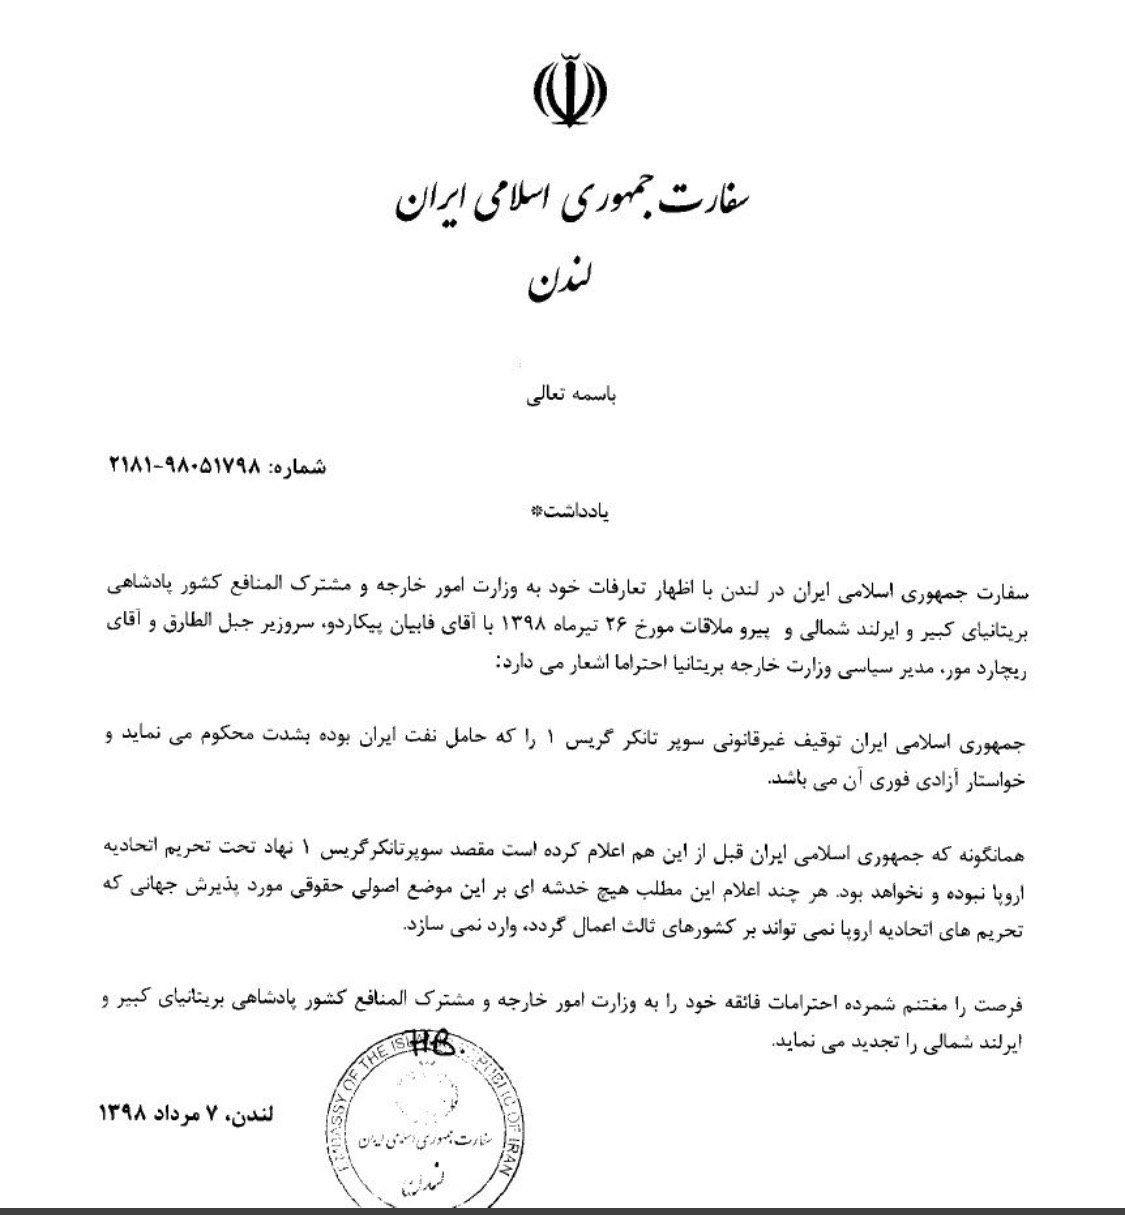 ظریف: توقیف نفتکش حامل نفت ایران کاملا غیرقانونی بود